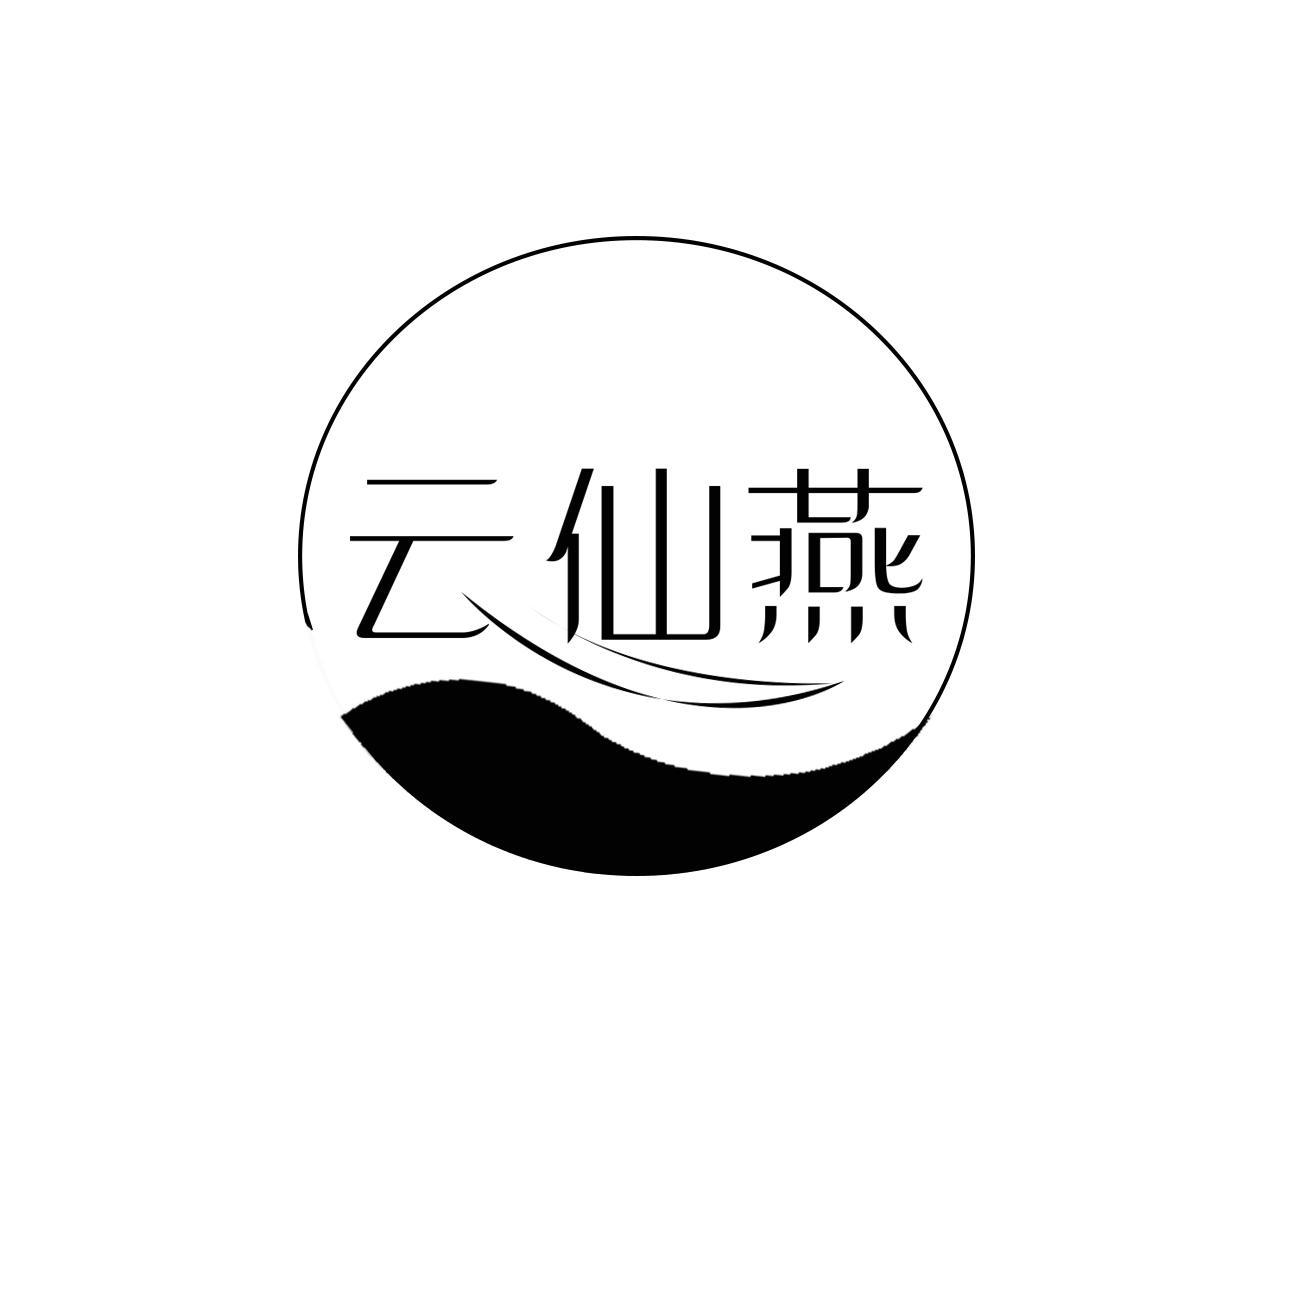 29类食品-云仙燕